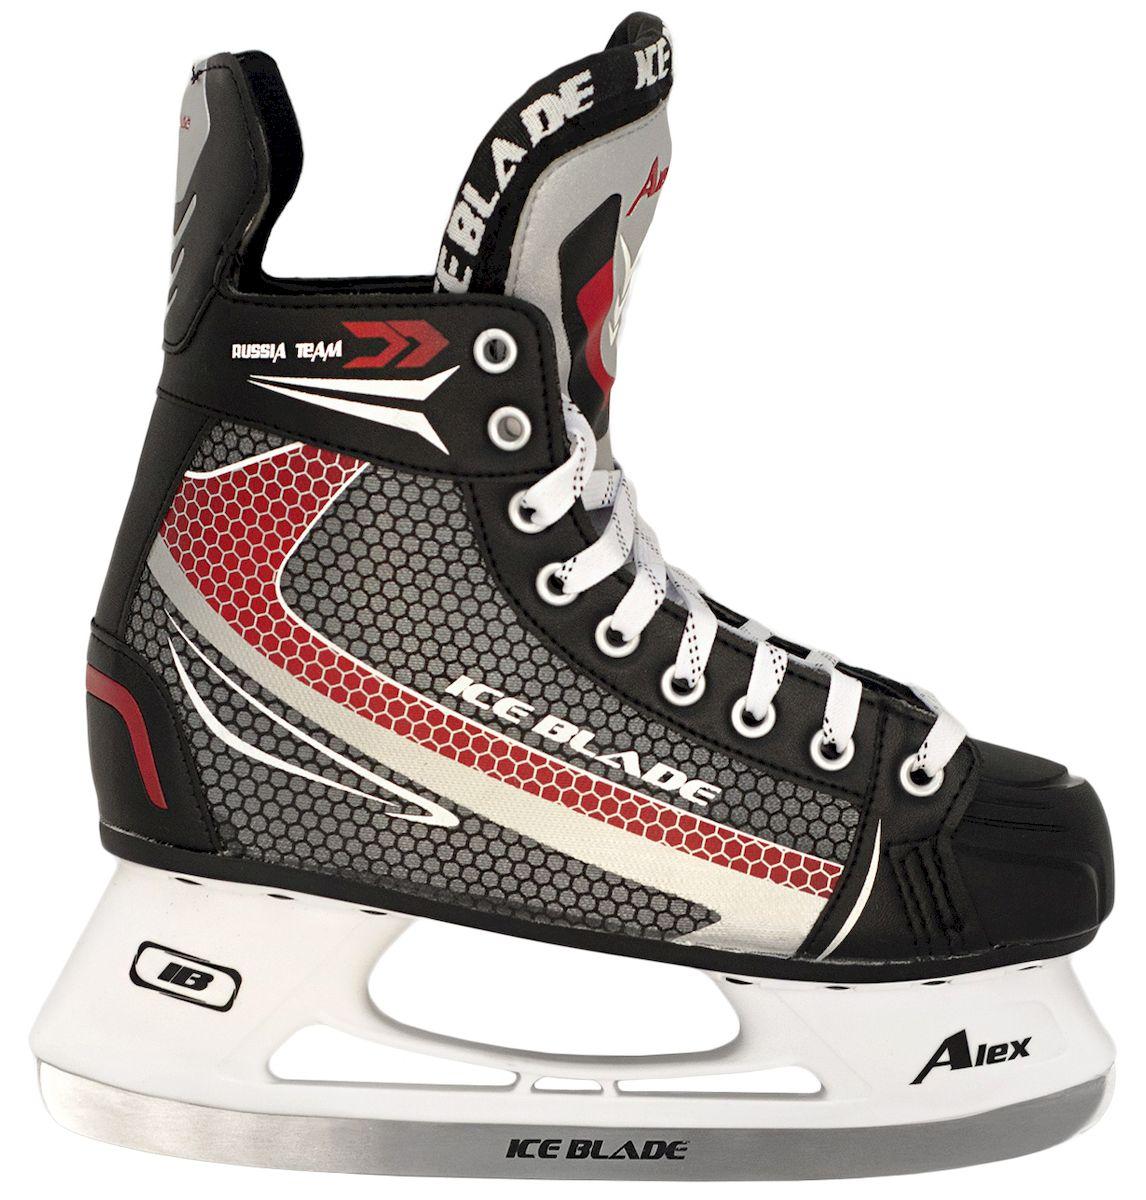 Коньки хоккейные Ice Blade Alex New, цвет: черный, красный, серый. УТ-00006868. Размер 39